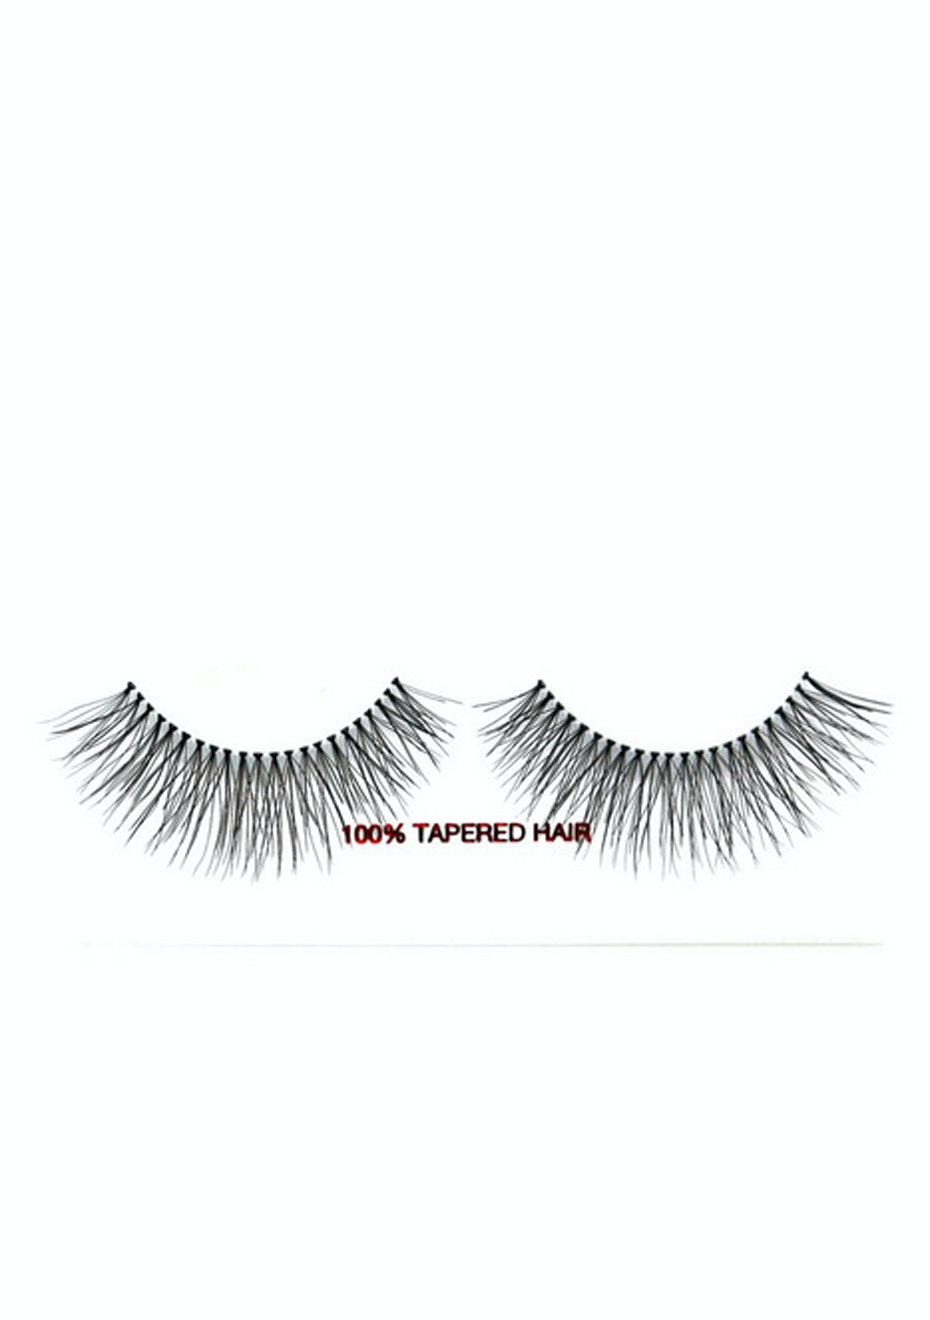 BLINQUE - Fake Eyelashes - Whispies Large